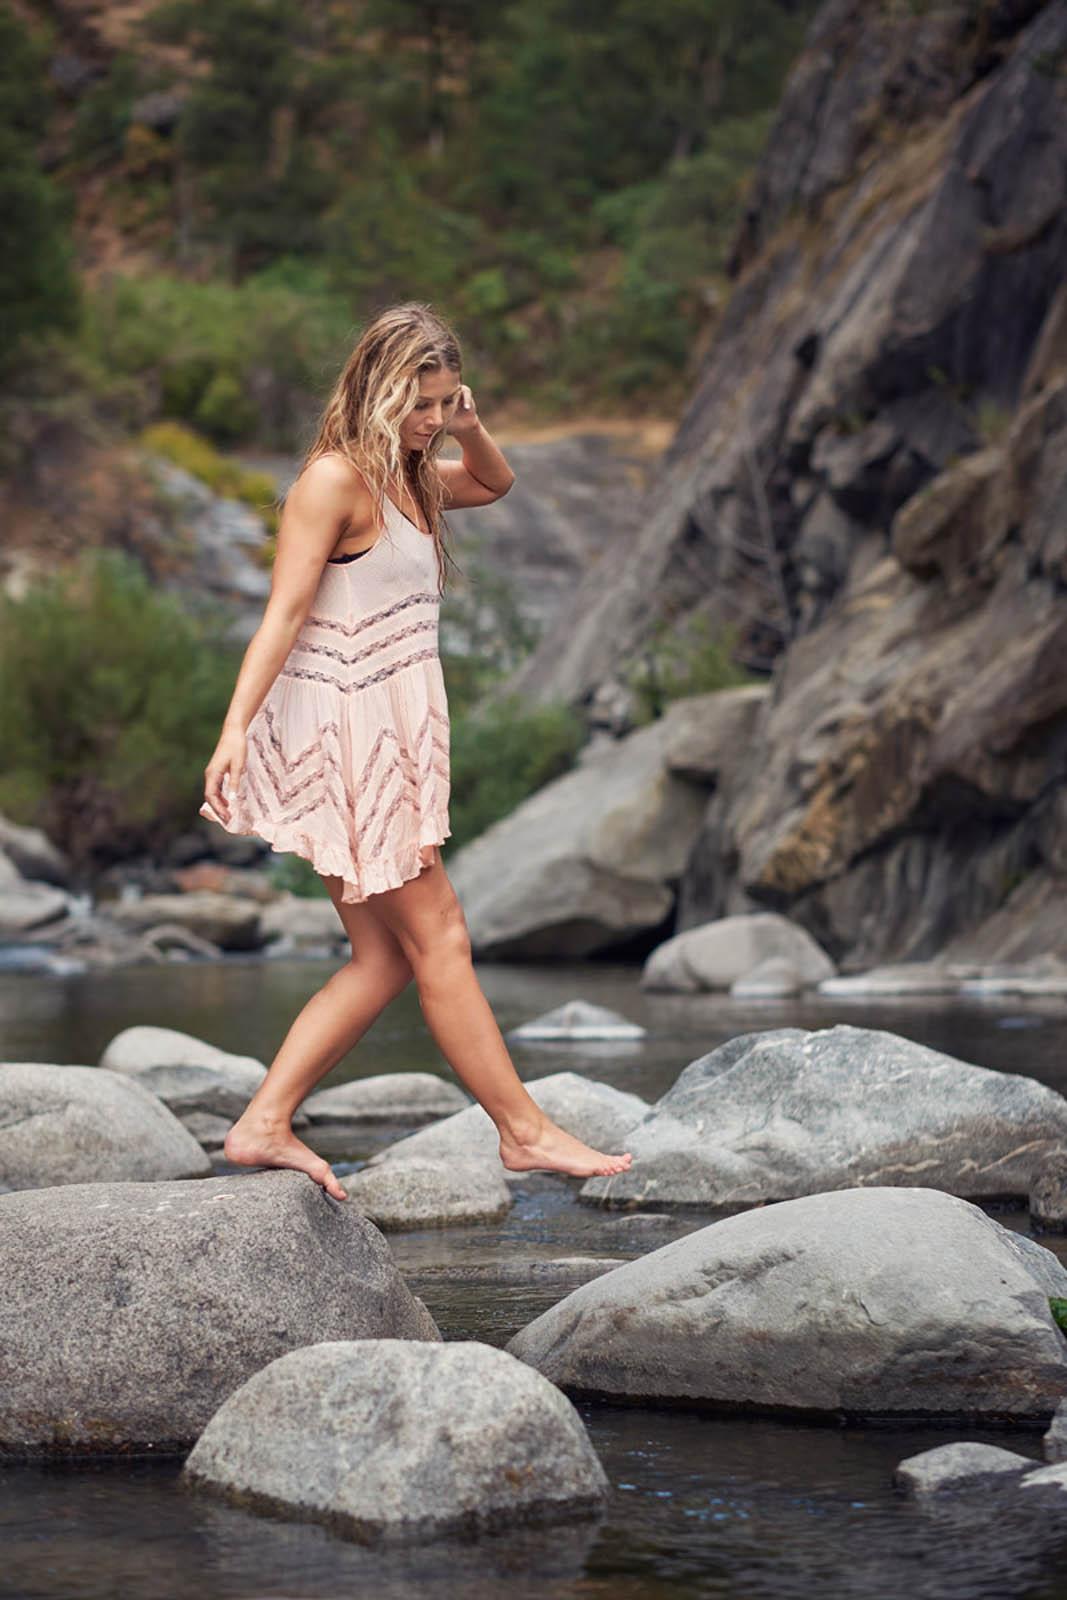 A Barefoot Woman in a Dress Walking Across a Creek.